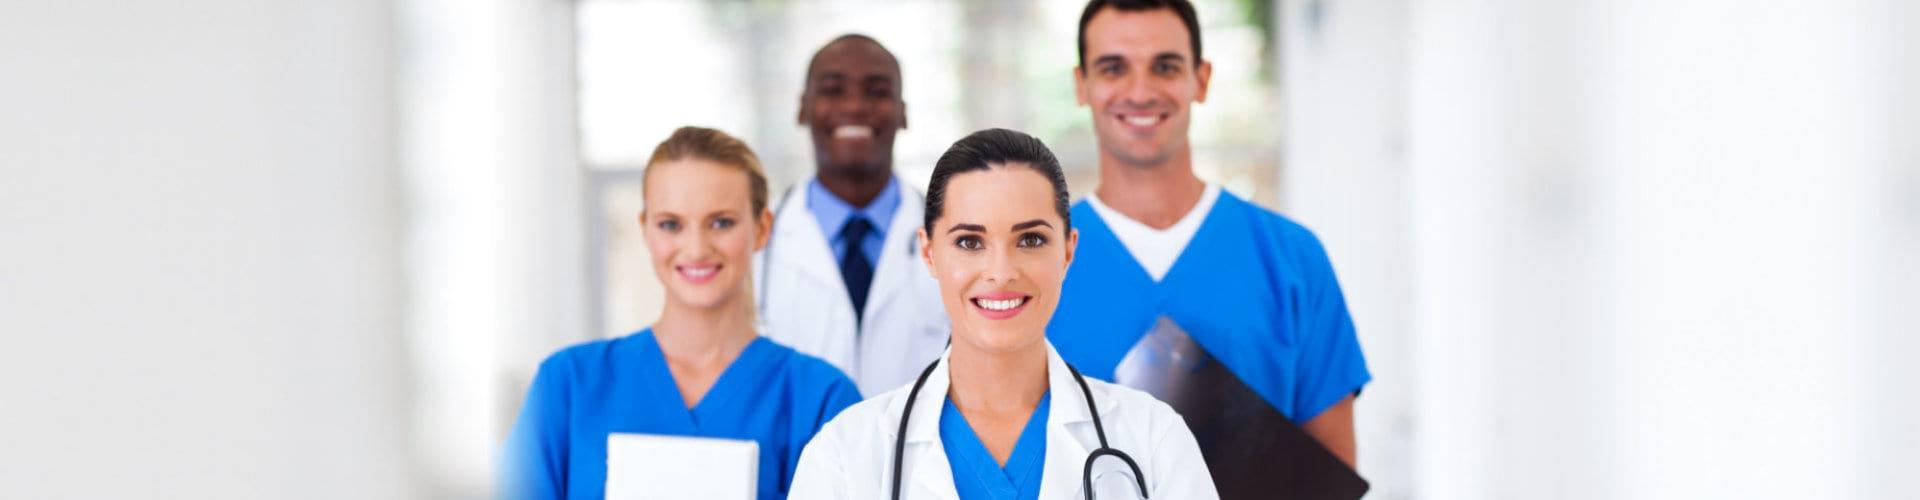 happy medical professionals